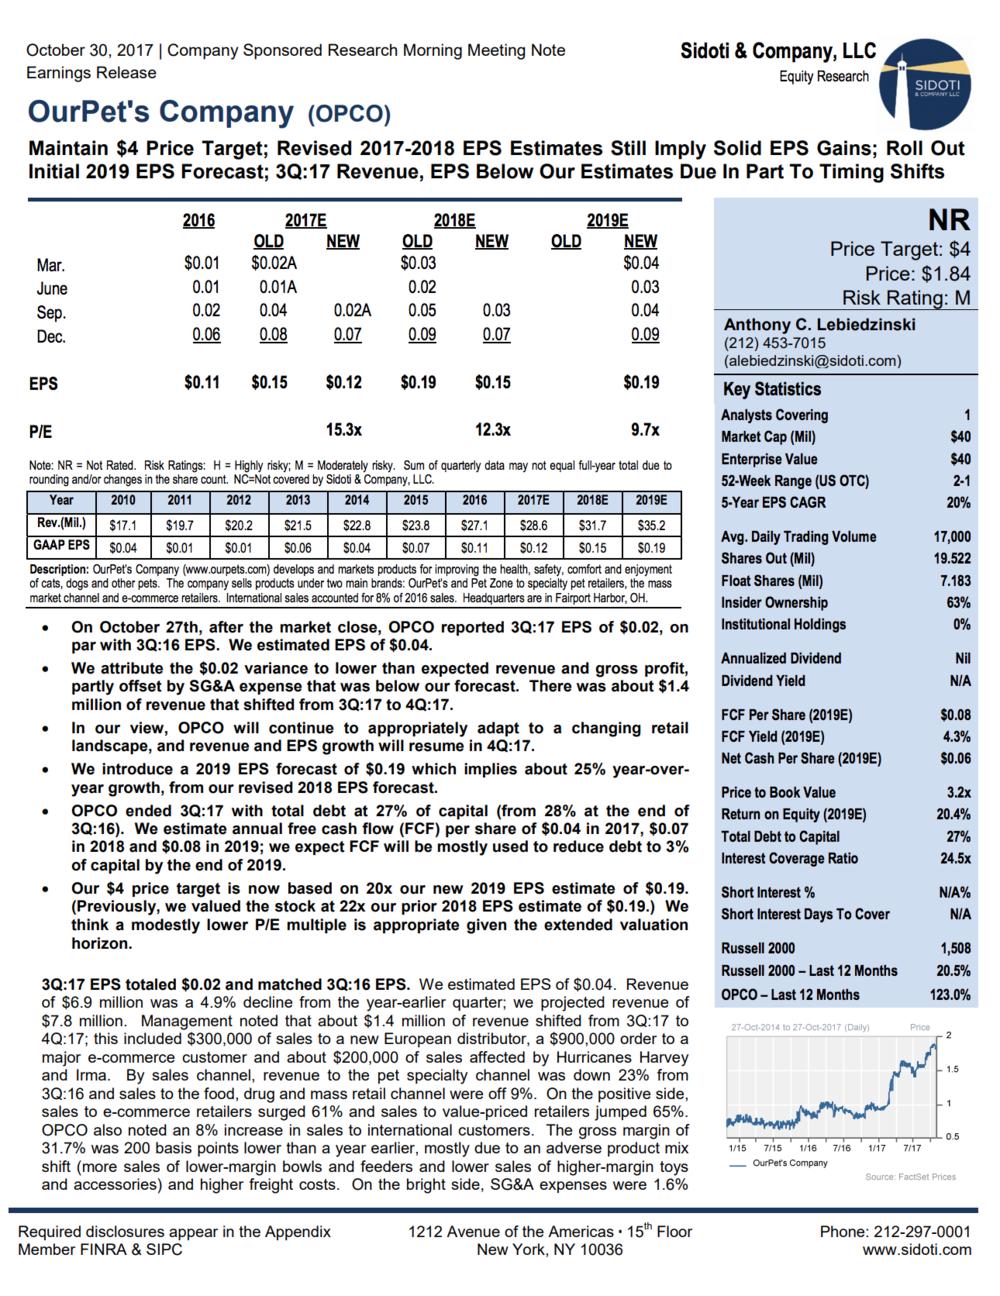 Earnings Report: Oct.30, 2017